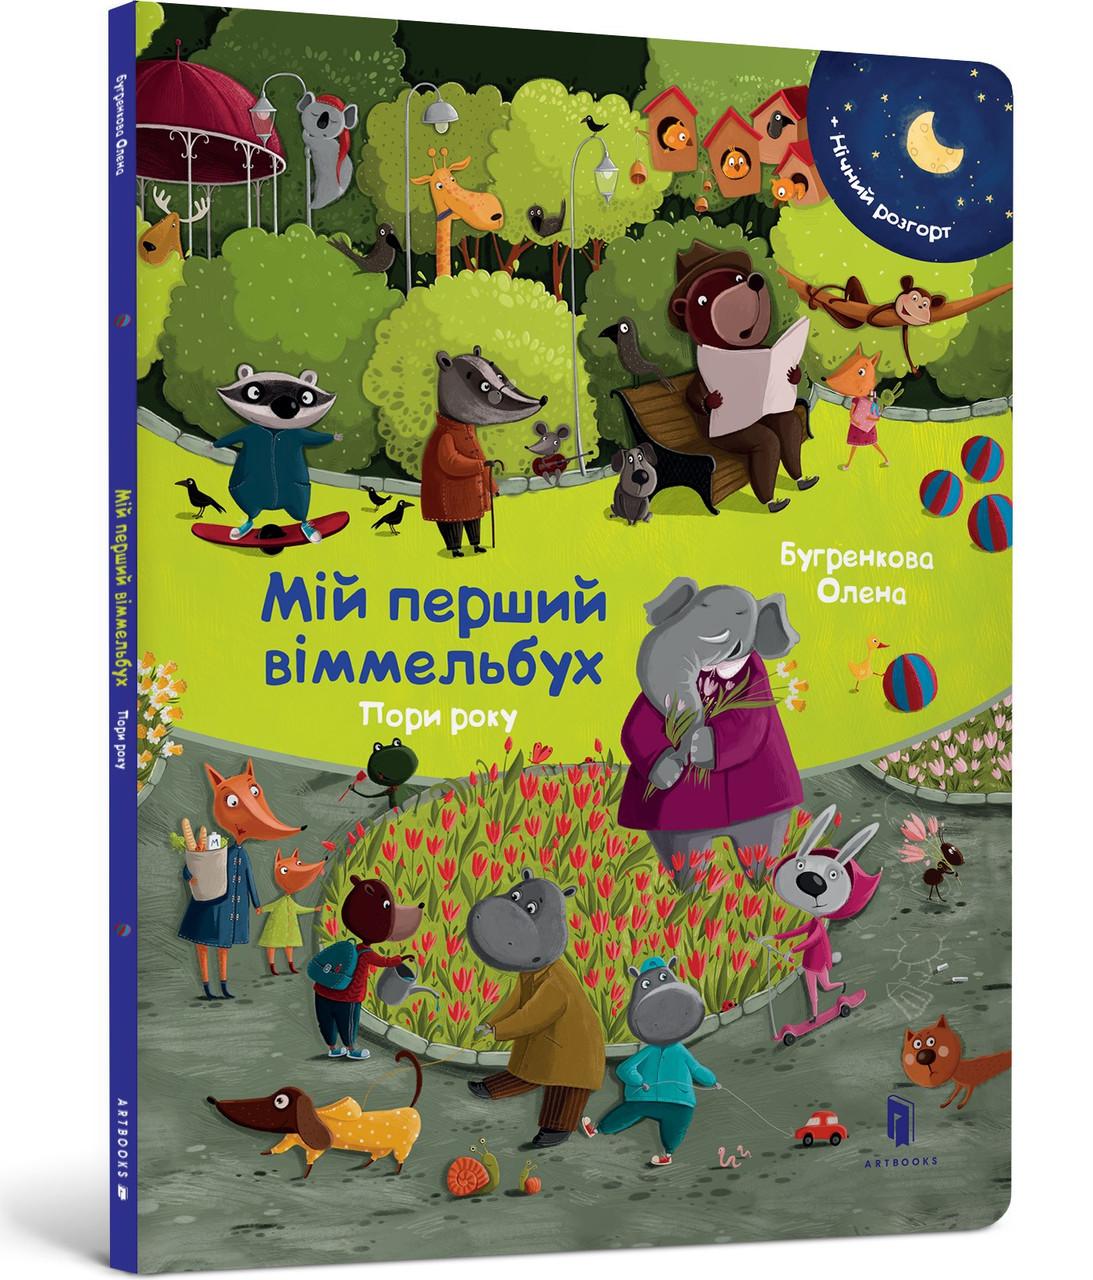 Мій перший віммельбух. Пори року. Книга Олени Бугренкової